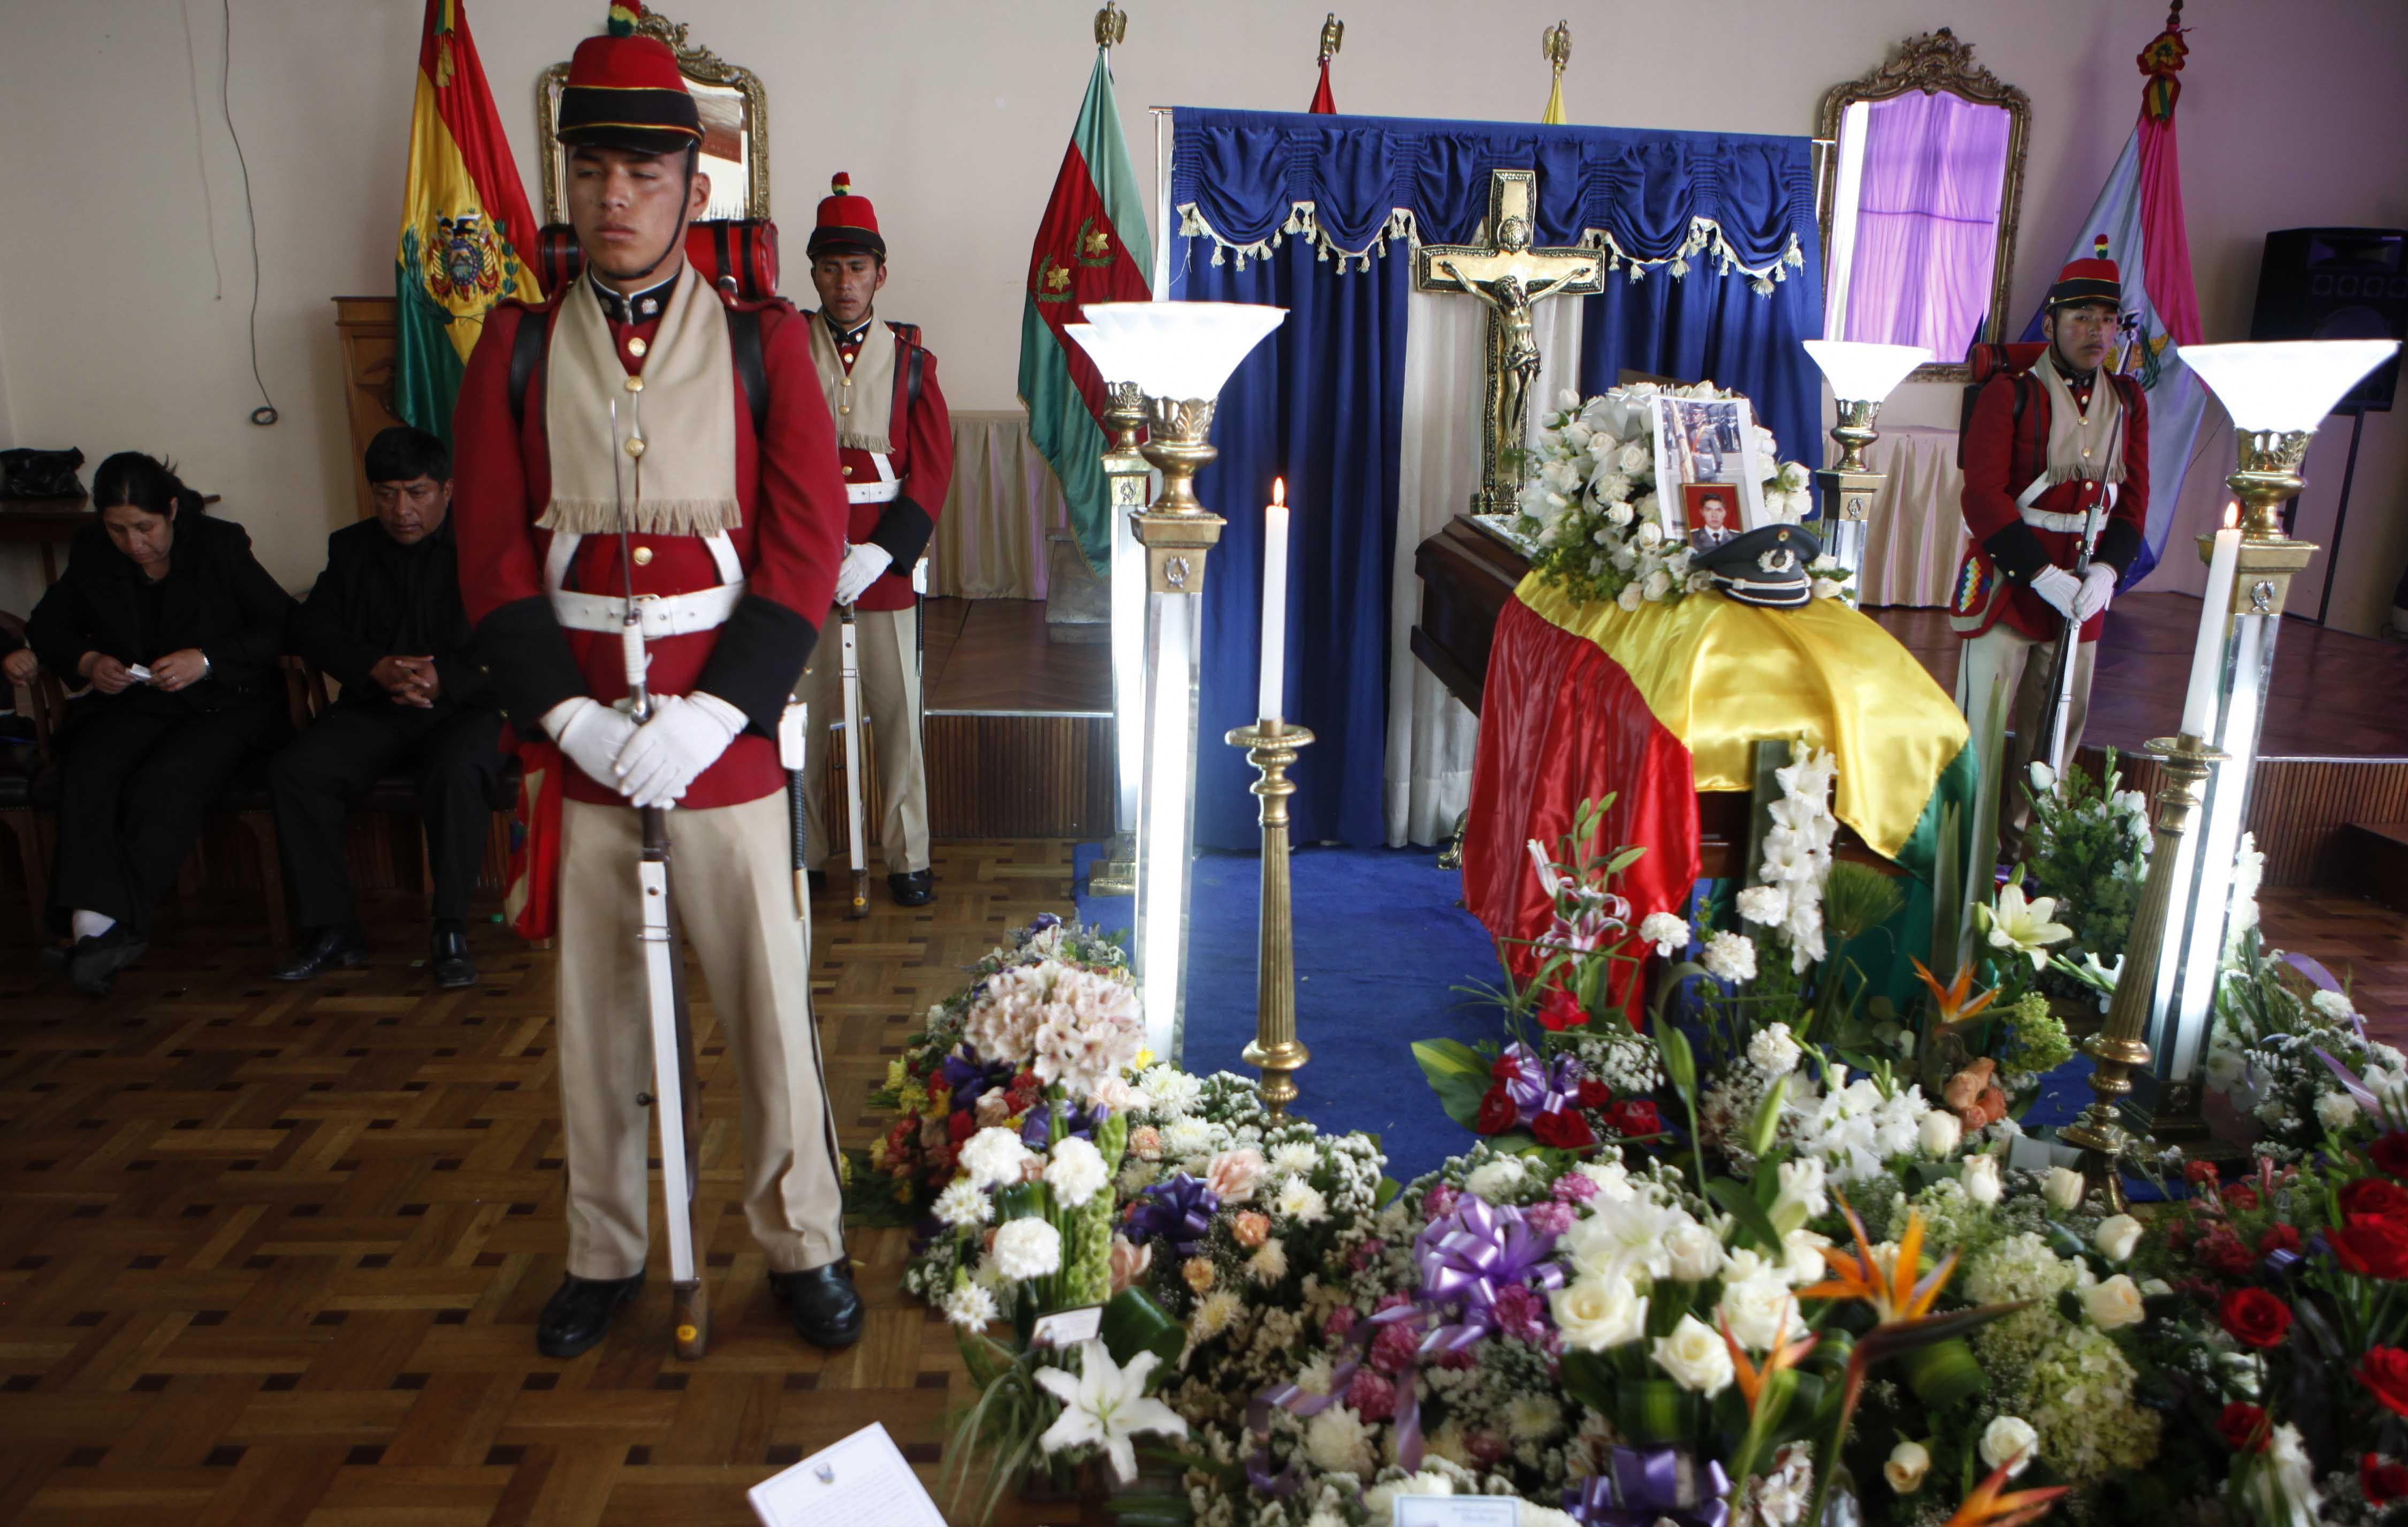 velatorio. Los restos del subteniente muerto eran velados en La Paz.